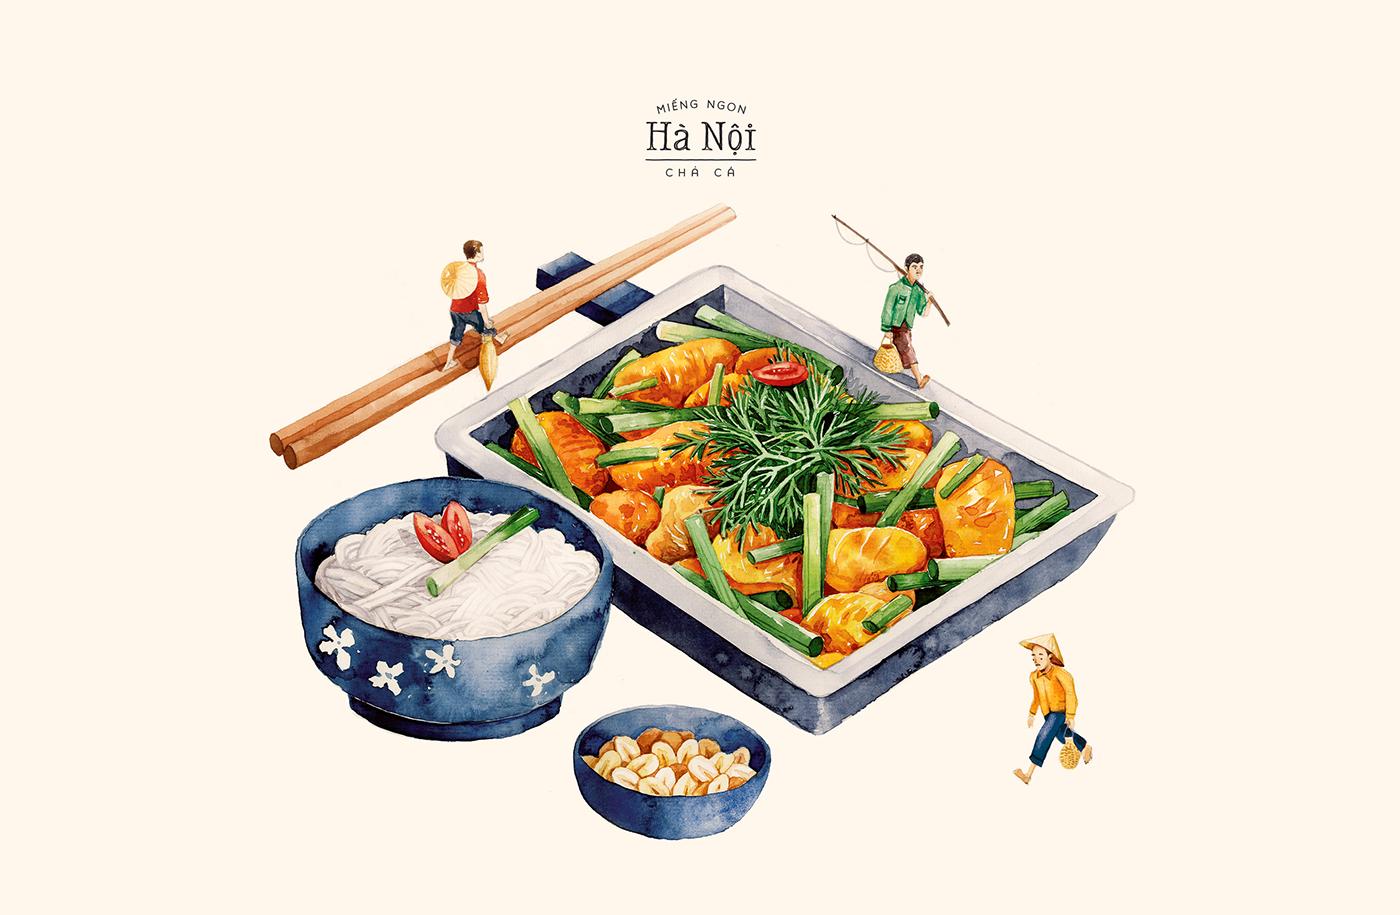 A-taste-of-hanoi-08